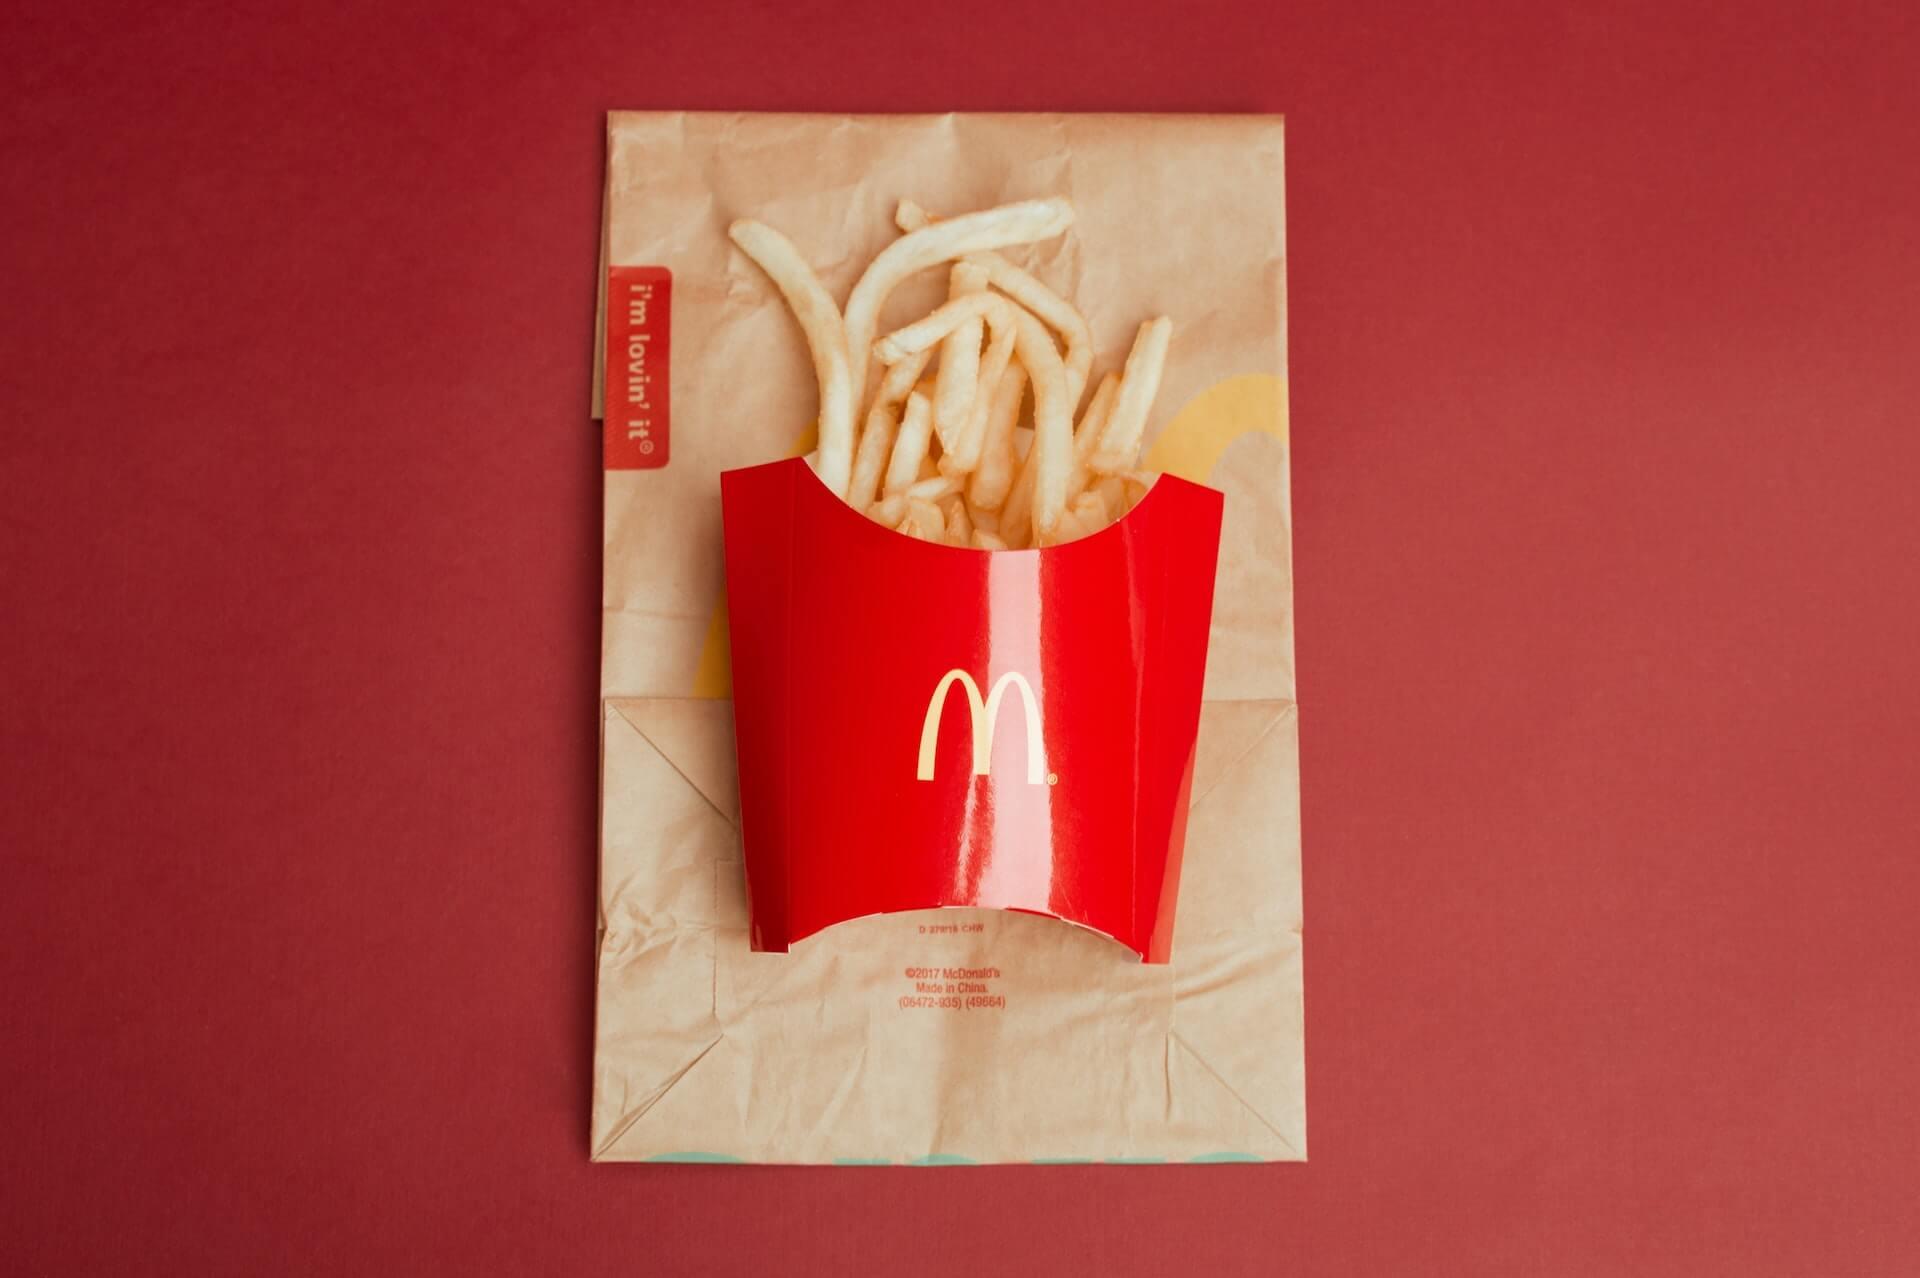 正直1番おいしいマクドナルドのメニューはやっぱりあれ!?gooランキングがメニューランキングを発表 gourmet200609_mcdonald_ranking_main